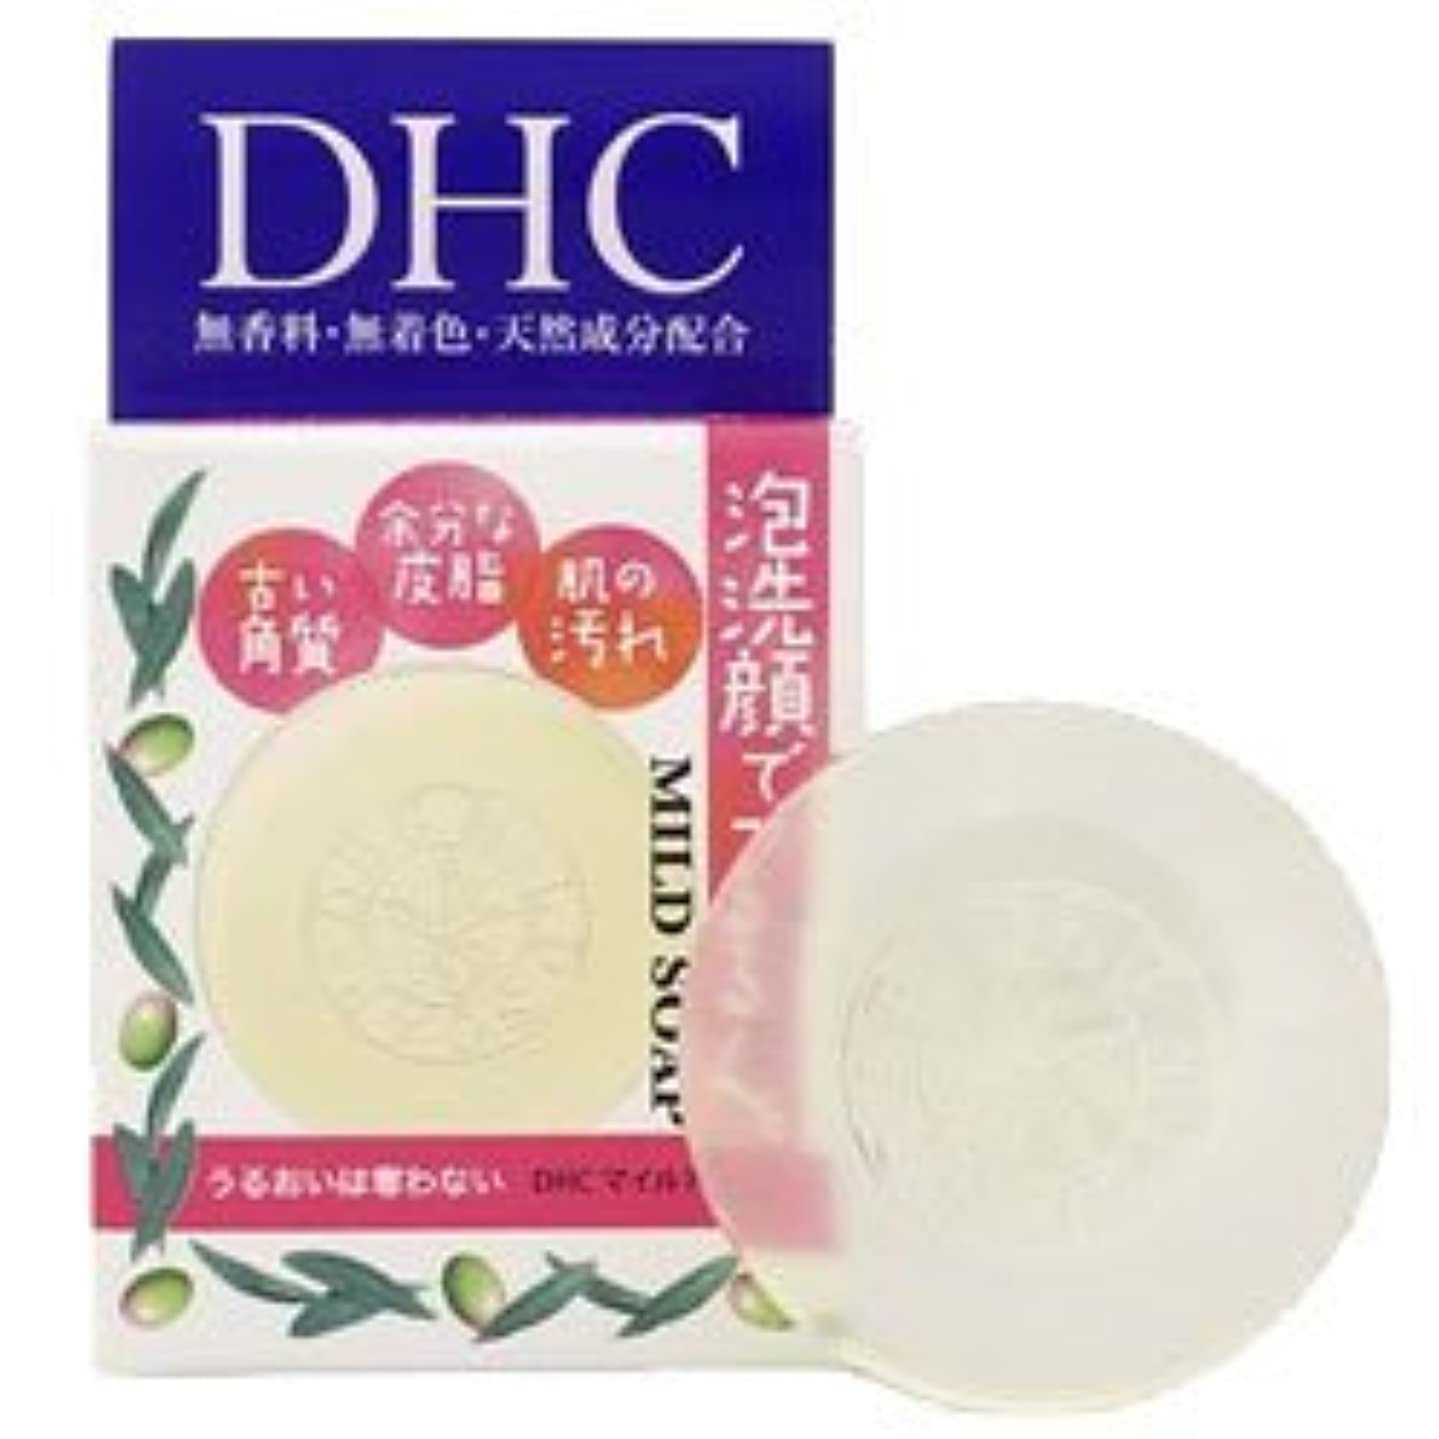 拒絶するリード回復【DHC】DHC マイルドソープ(SS) 35g ×10個セット